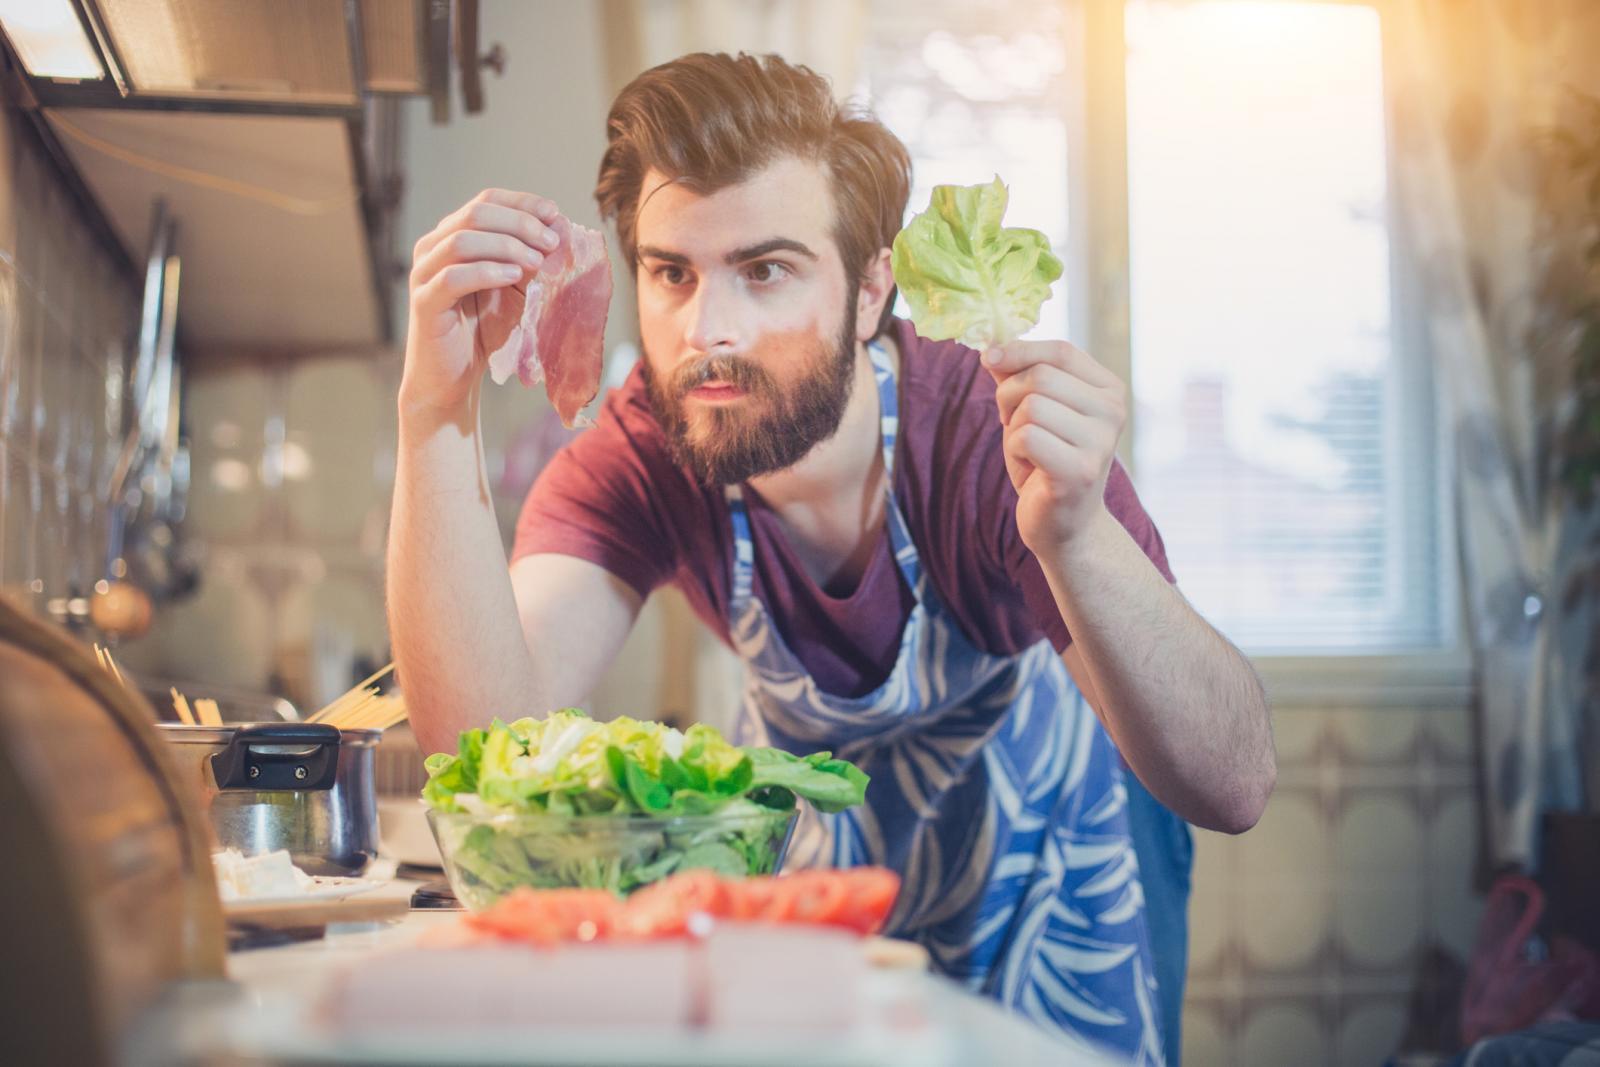 Mnogobrojne vrste salata i zelenog lisnatog povrća sadrže za zdravlje blagotvorne hranjive sastojke.